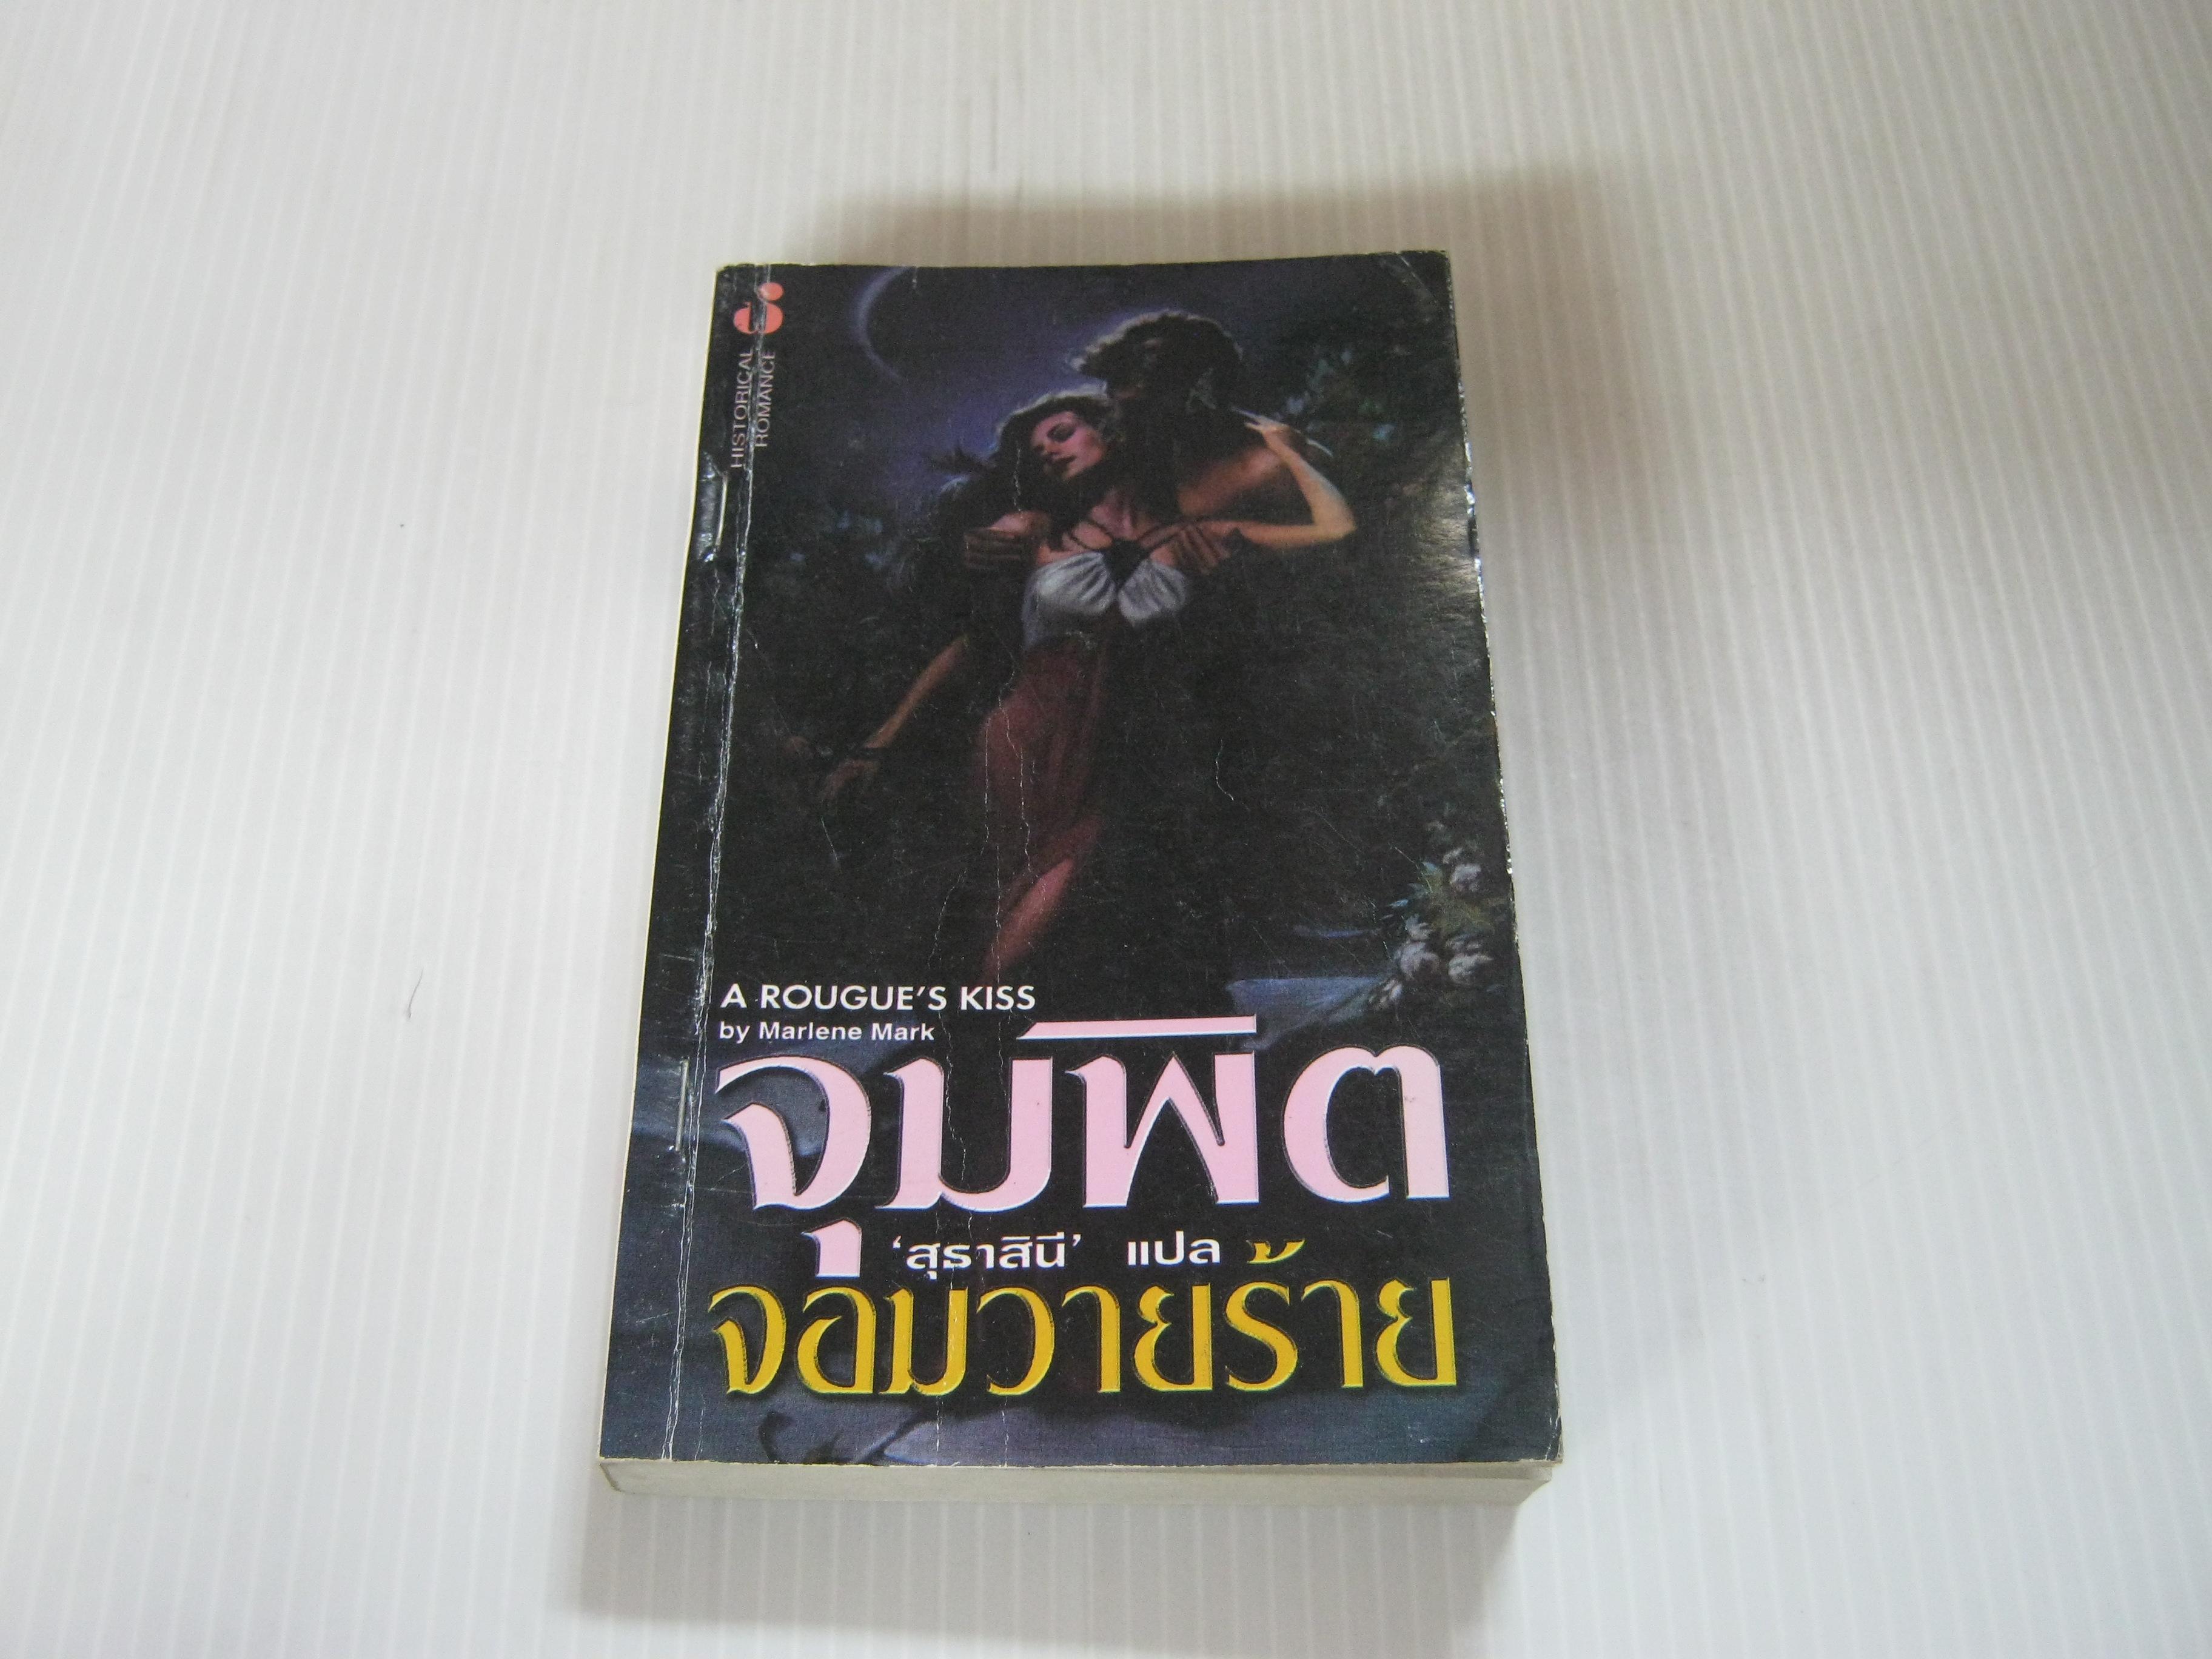 จุมพิตจอมวายร้าย (A Rougue's Kiss) Marlene Mark เขียน สุธาสินี แปล